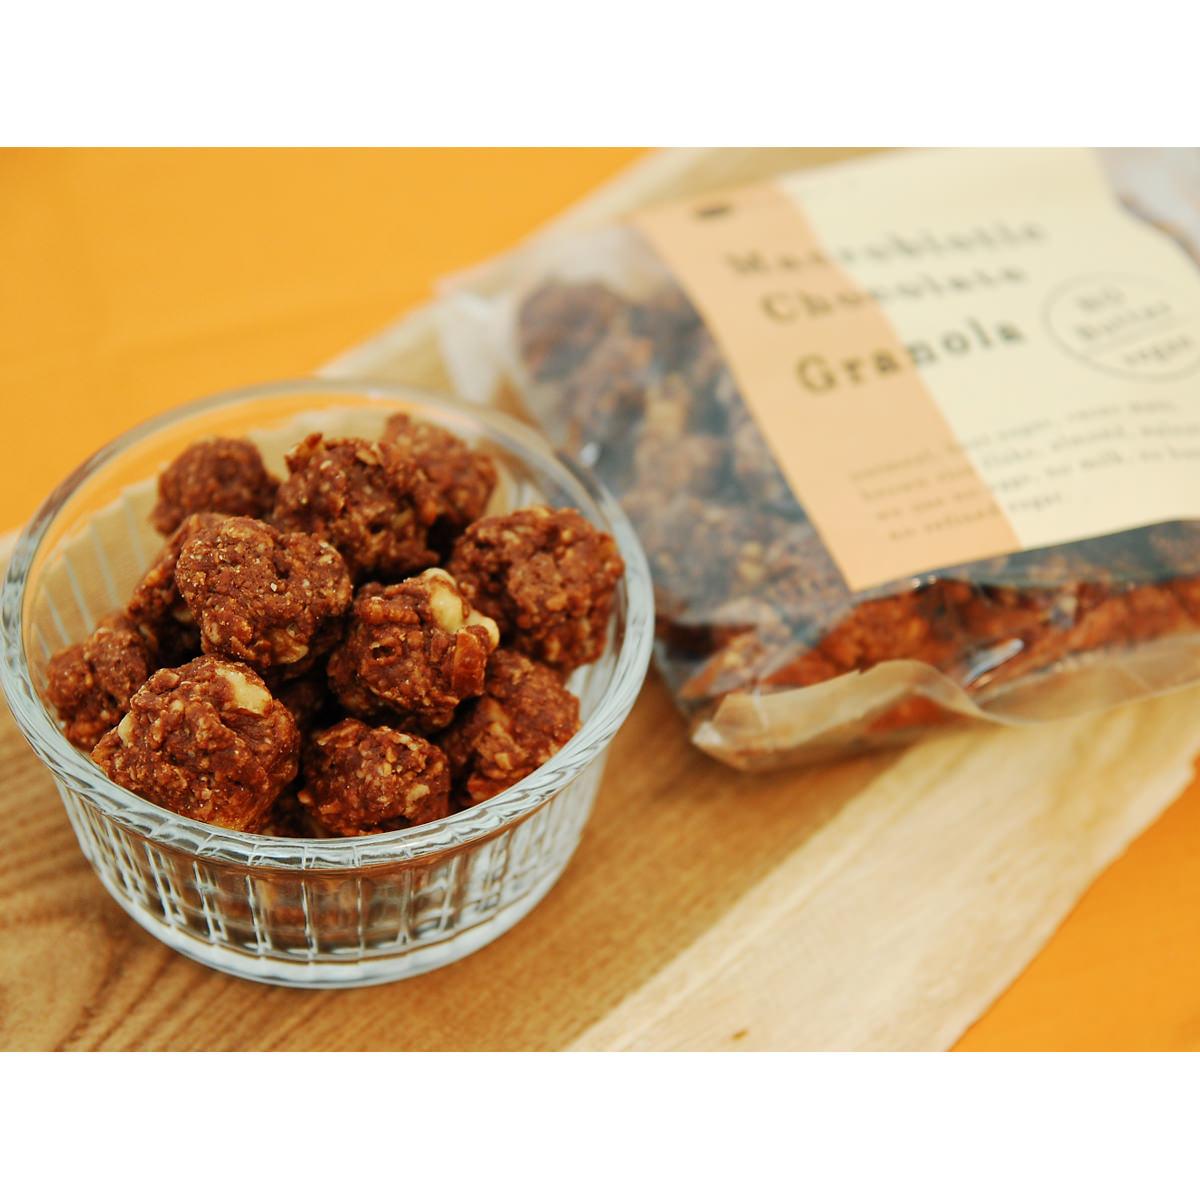 ケース チョコレートグラノーラ 40個 〔90g×40〕 東京都 砂糖不使用 ヴィーガン 焼菓子 チャヤ マクロビオティックス